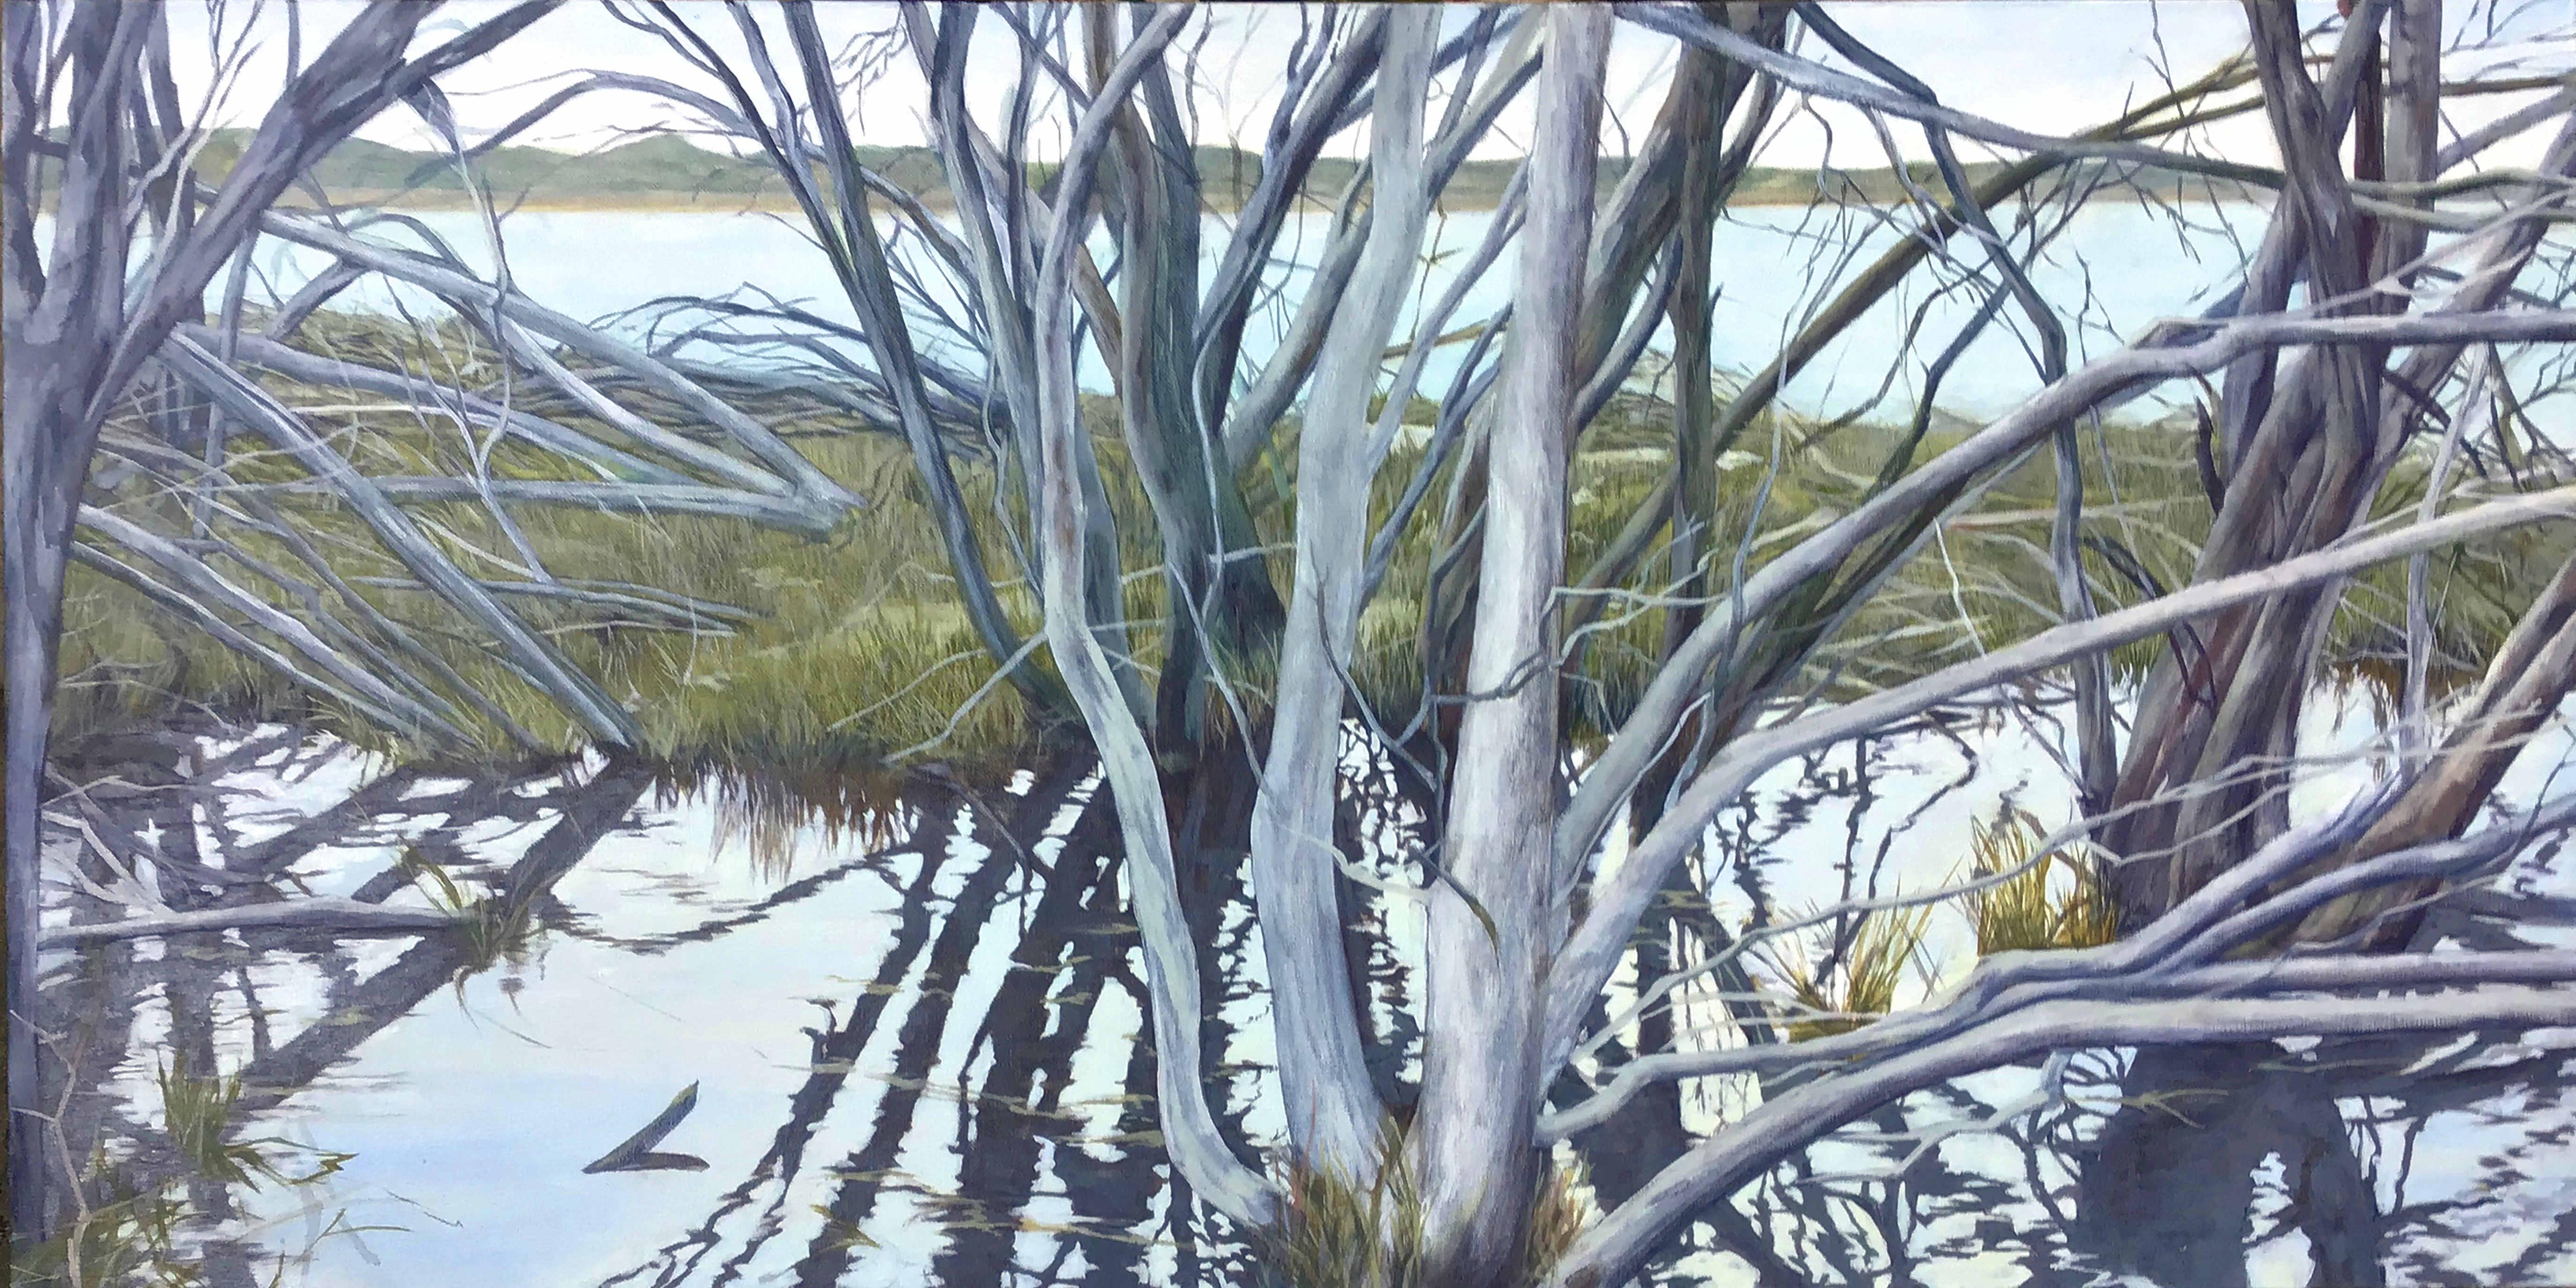 Kangaroo Island wetland